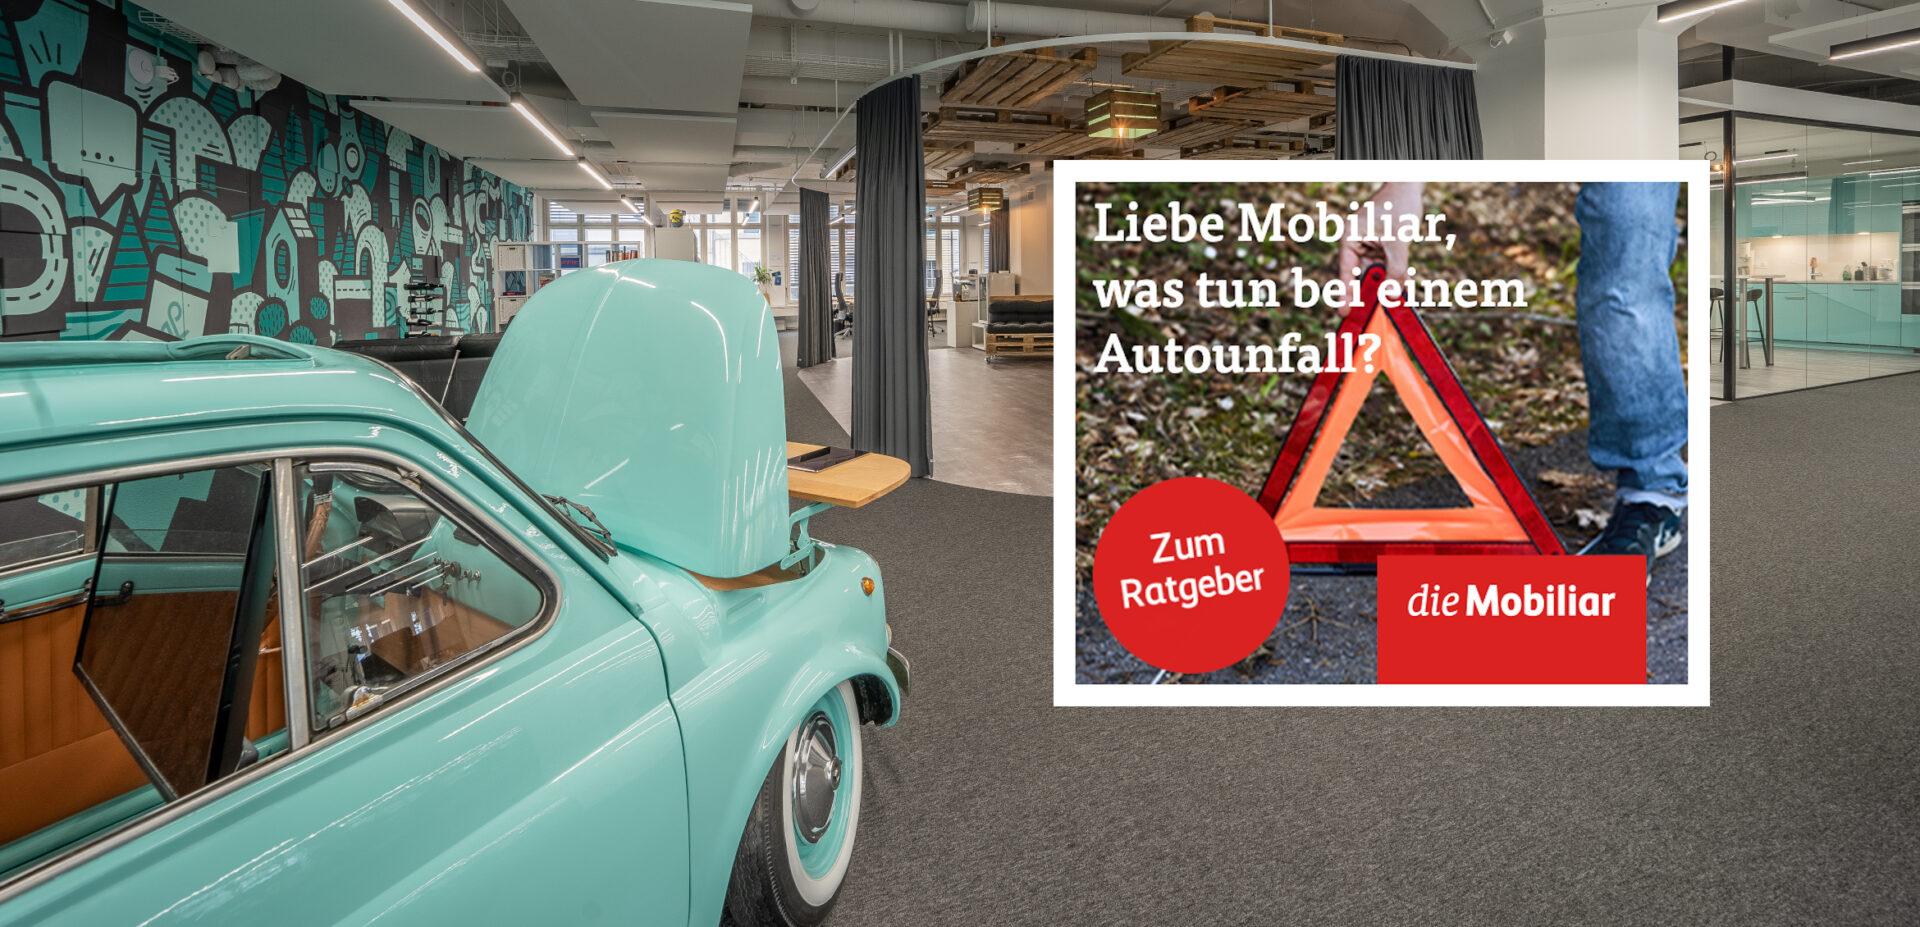 Die Mobiliar mit neuem Full-Funnel-Konzept von ads&figures.